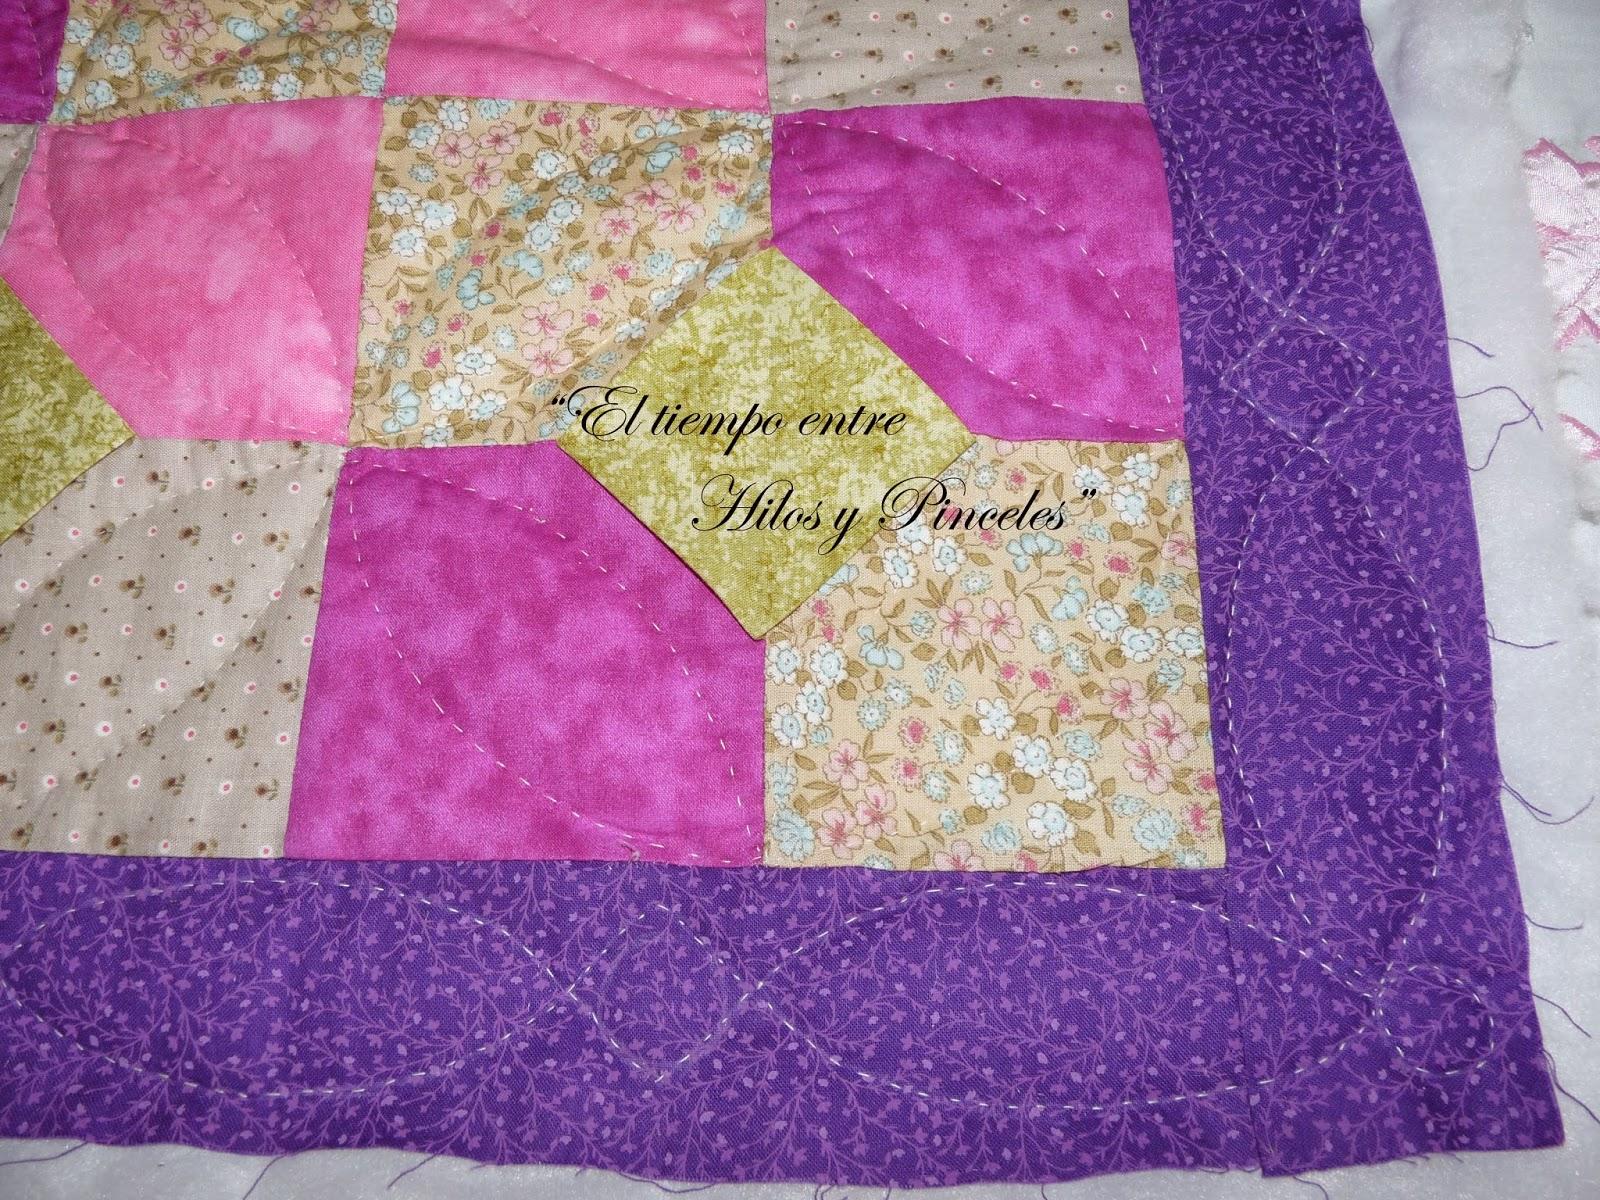 El tiempo entre hilos y pinceles cojines de patchwork - Cojines de patchwork ...